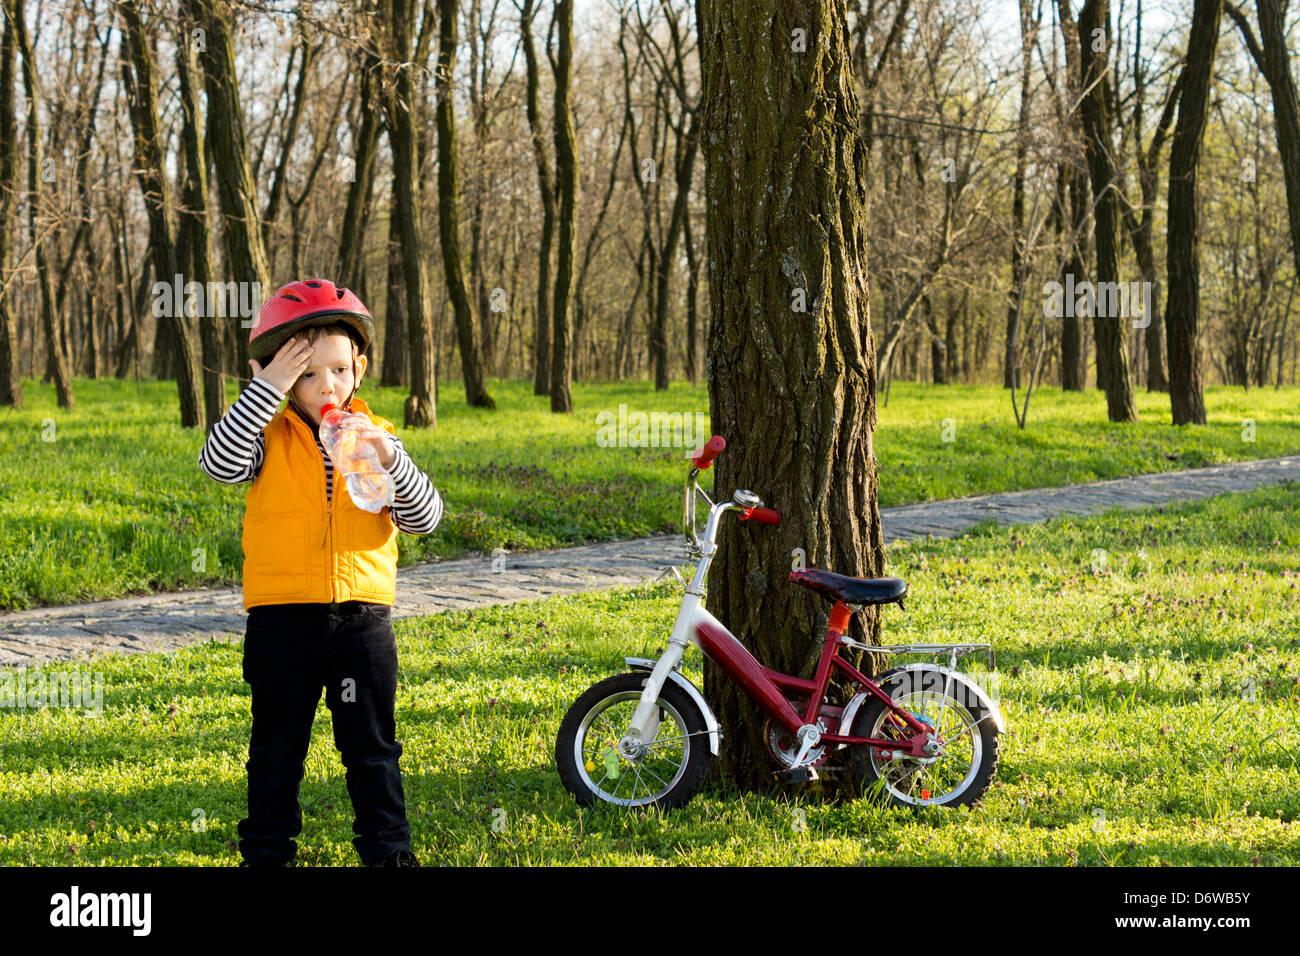 niedliche kleine junge radfahren mit seinem fahrrad im. Black Bedroom Furniture Sets. Home Design Ideas